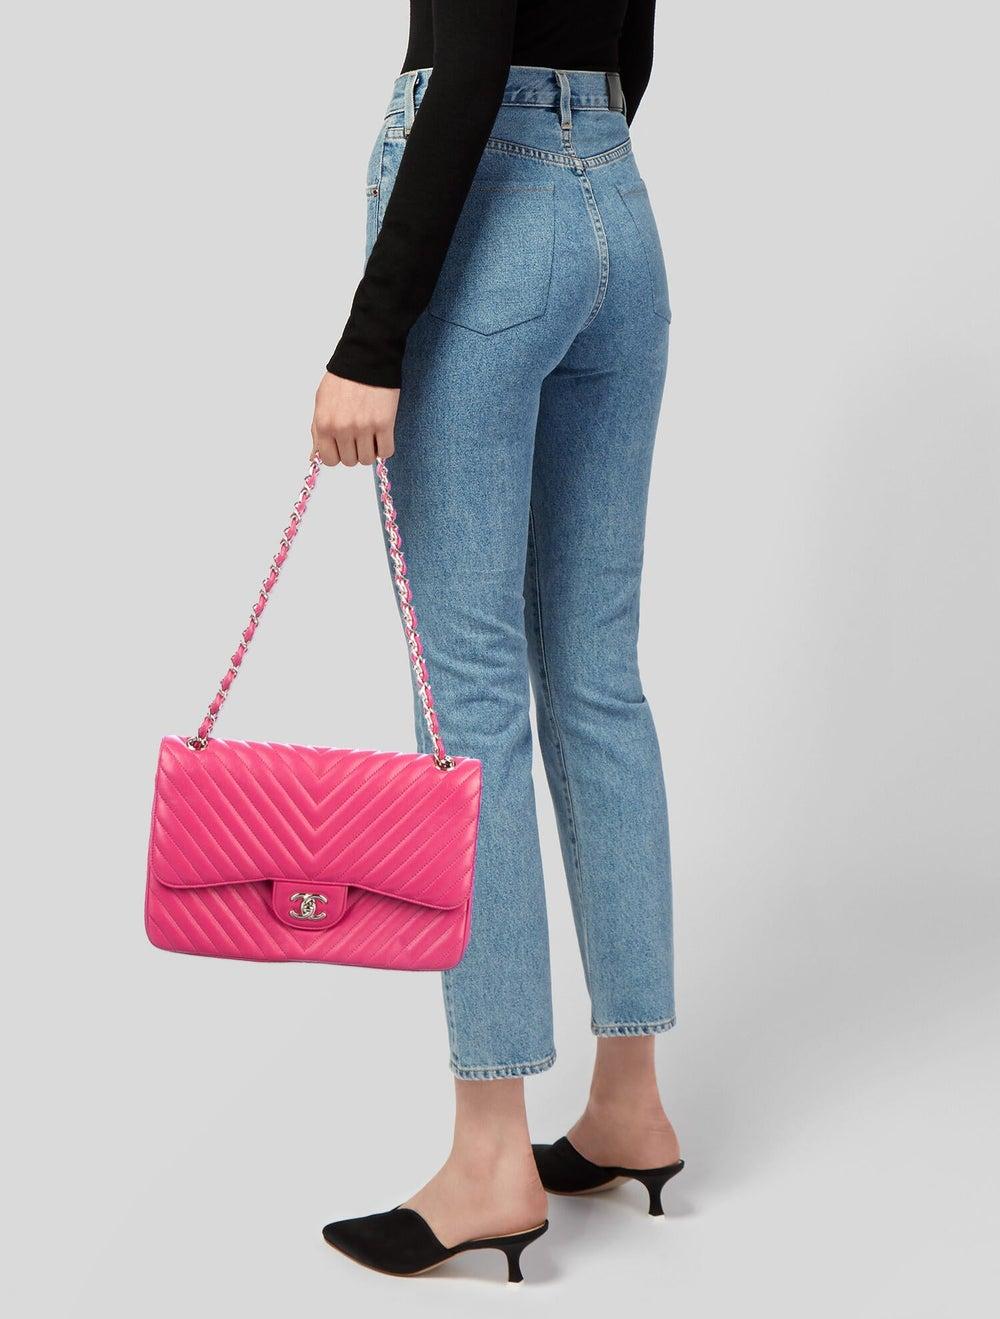 Chanel Jumbo Chevron Double Flap Bag Pink - image 2